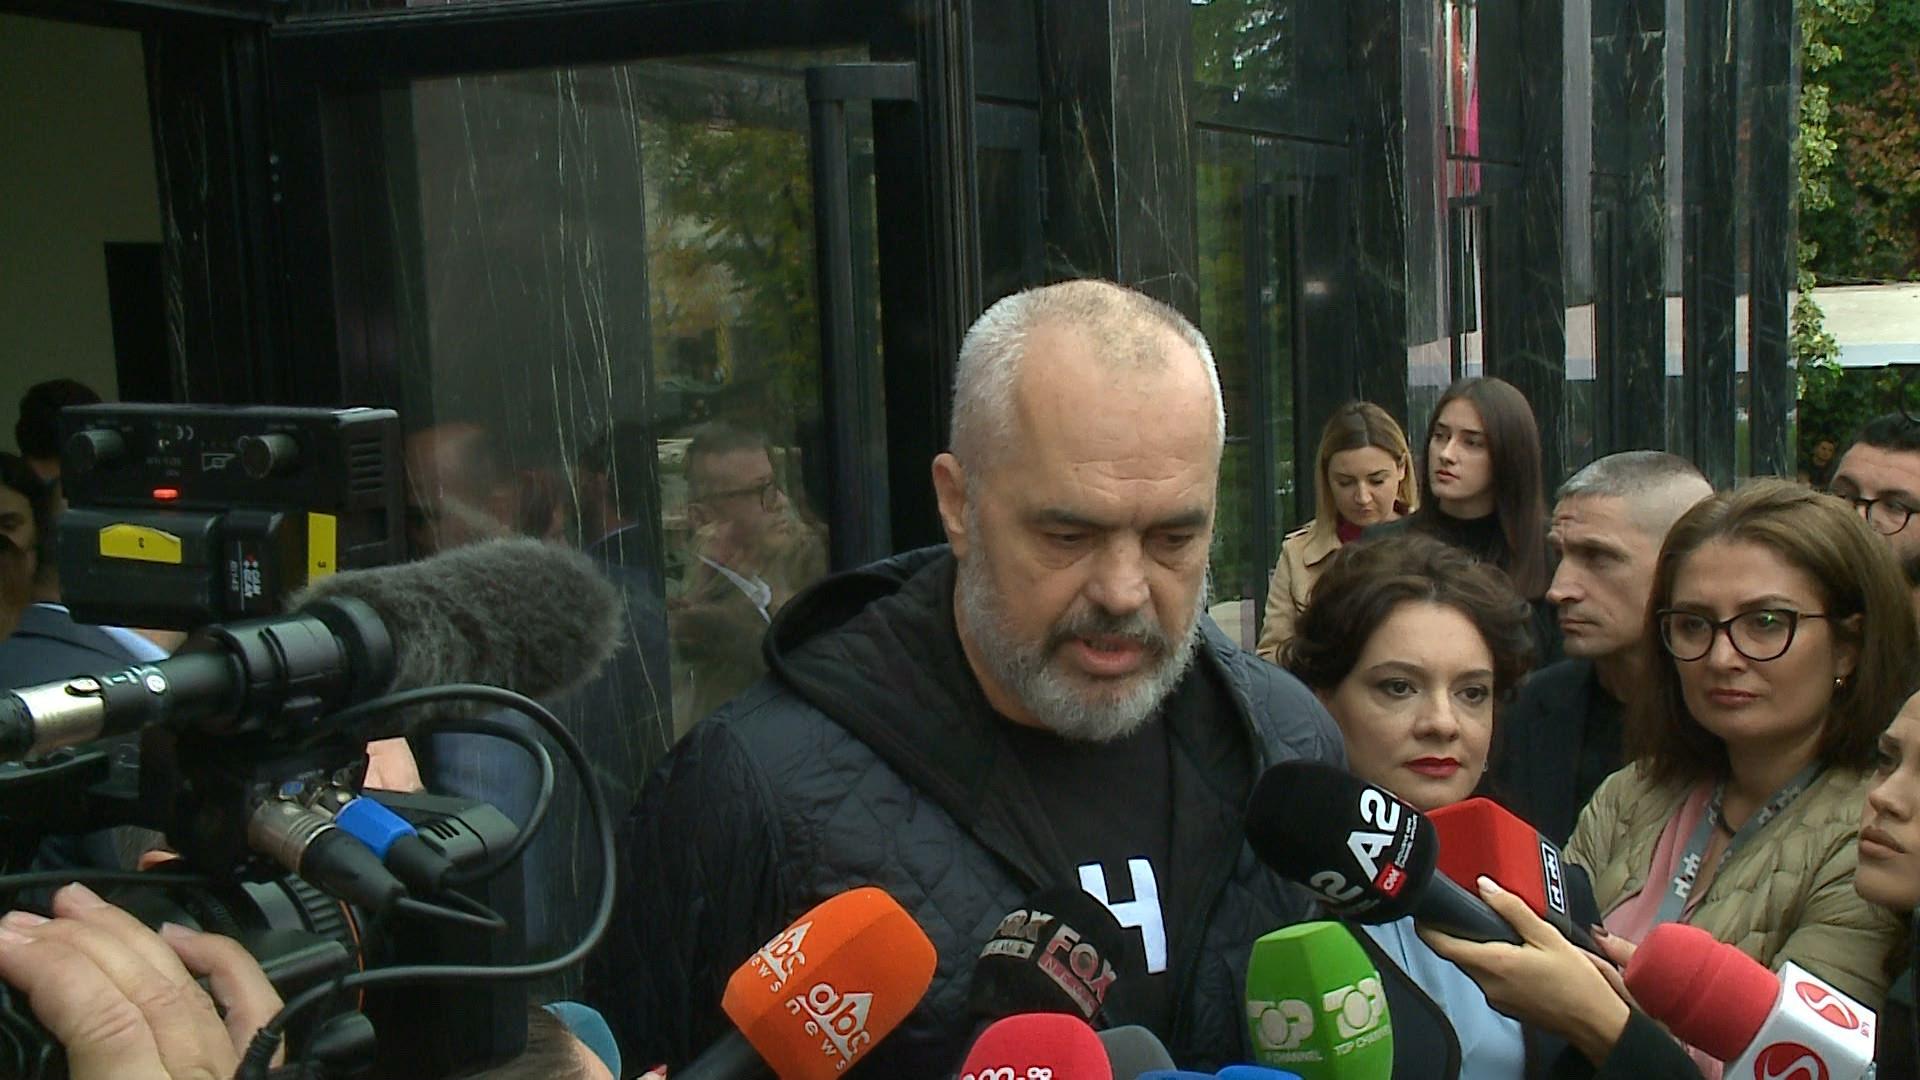 Rama: Në 25 nëntor nis një luftë e panjohur në Shqipëri ndaj KÇK-së